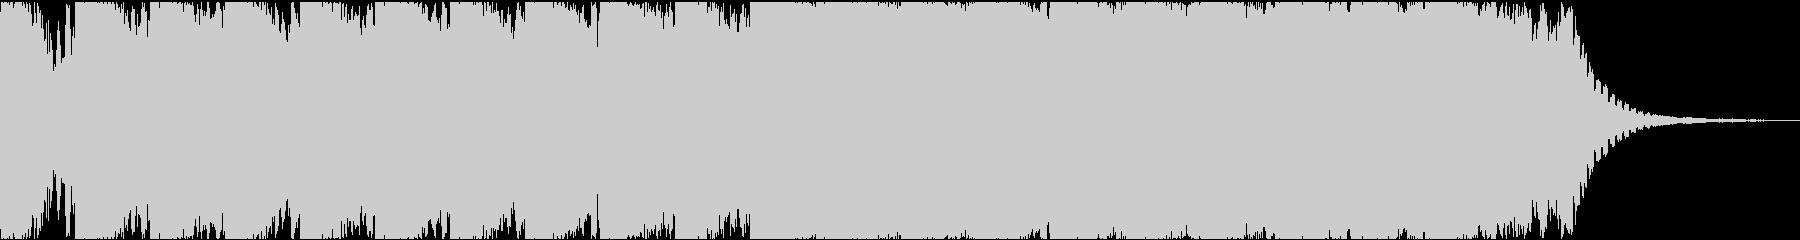 近未来/不気味/ダーク/無機質/ホラーの未再生の波形